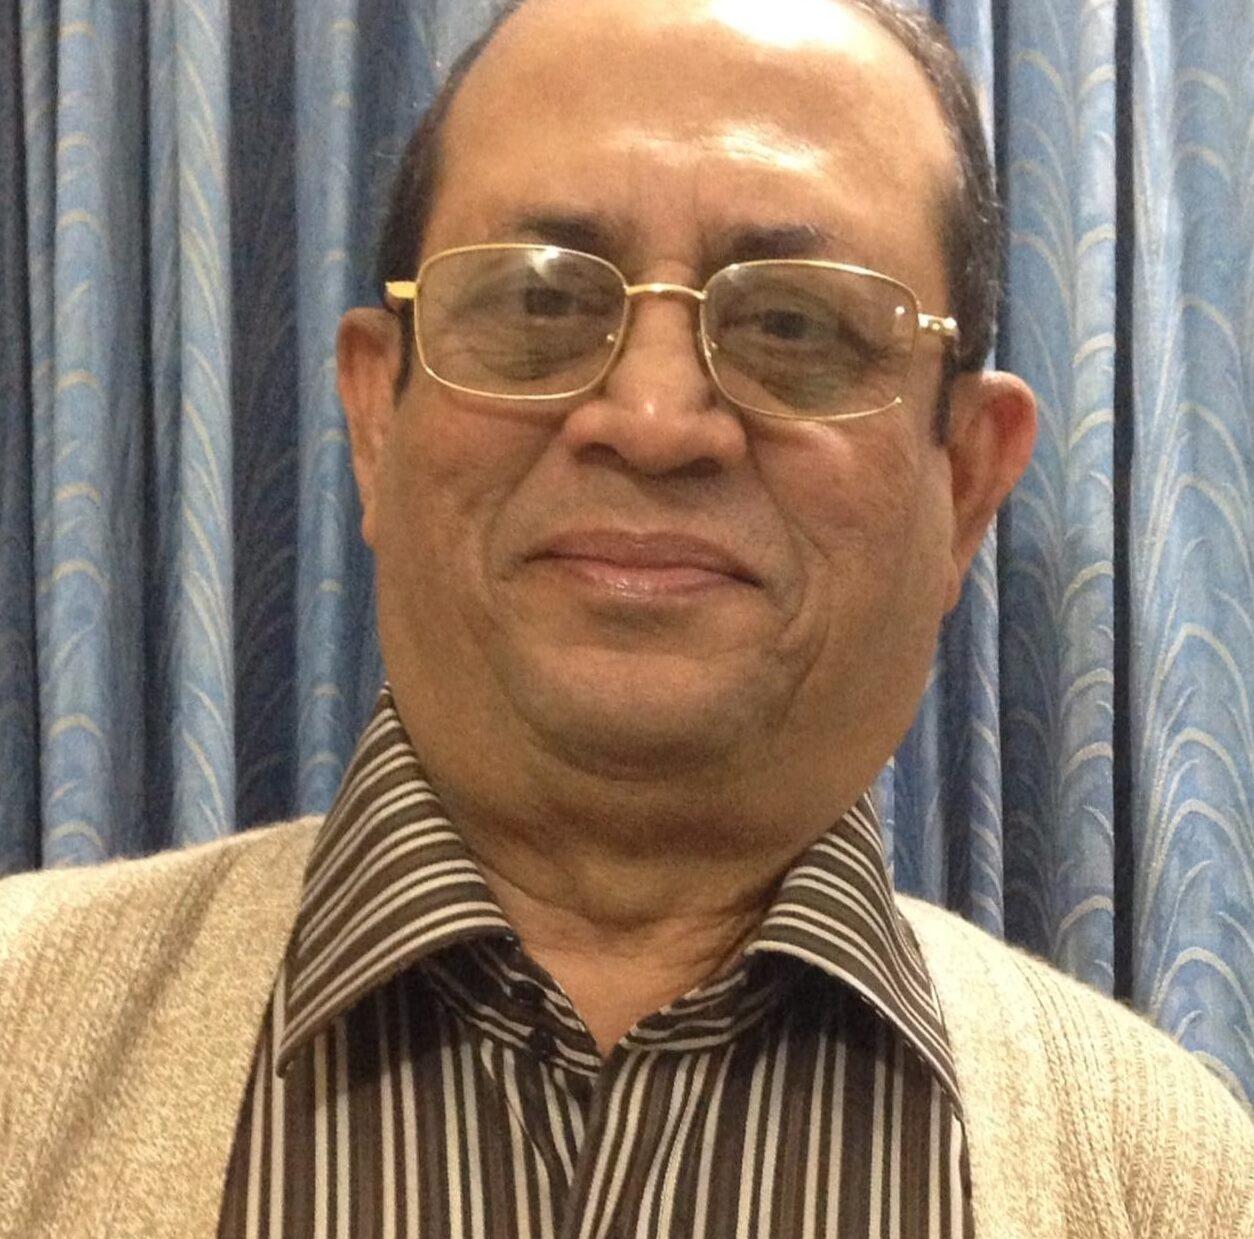 সাংবাদিকতার বাতিঘর হাসান শাহরিয়ার